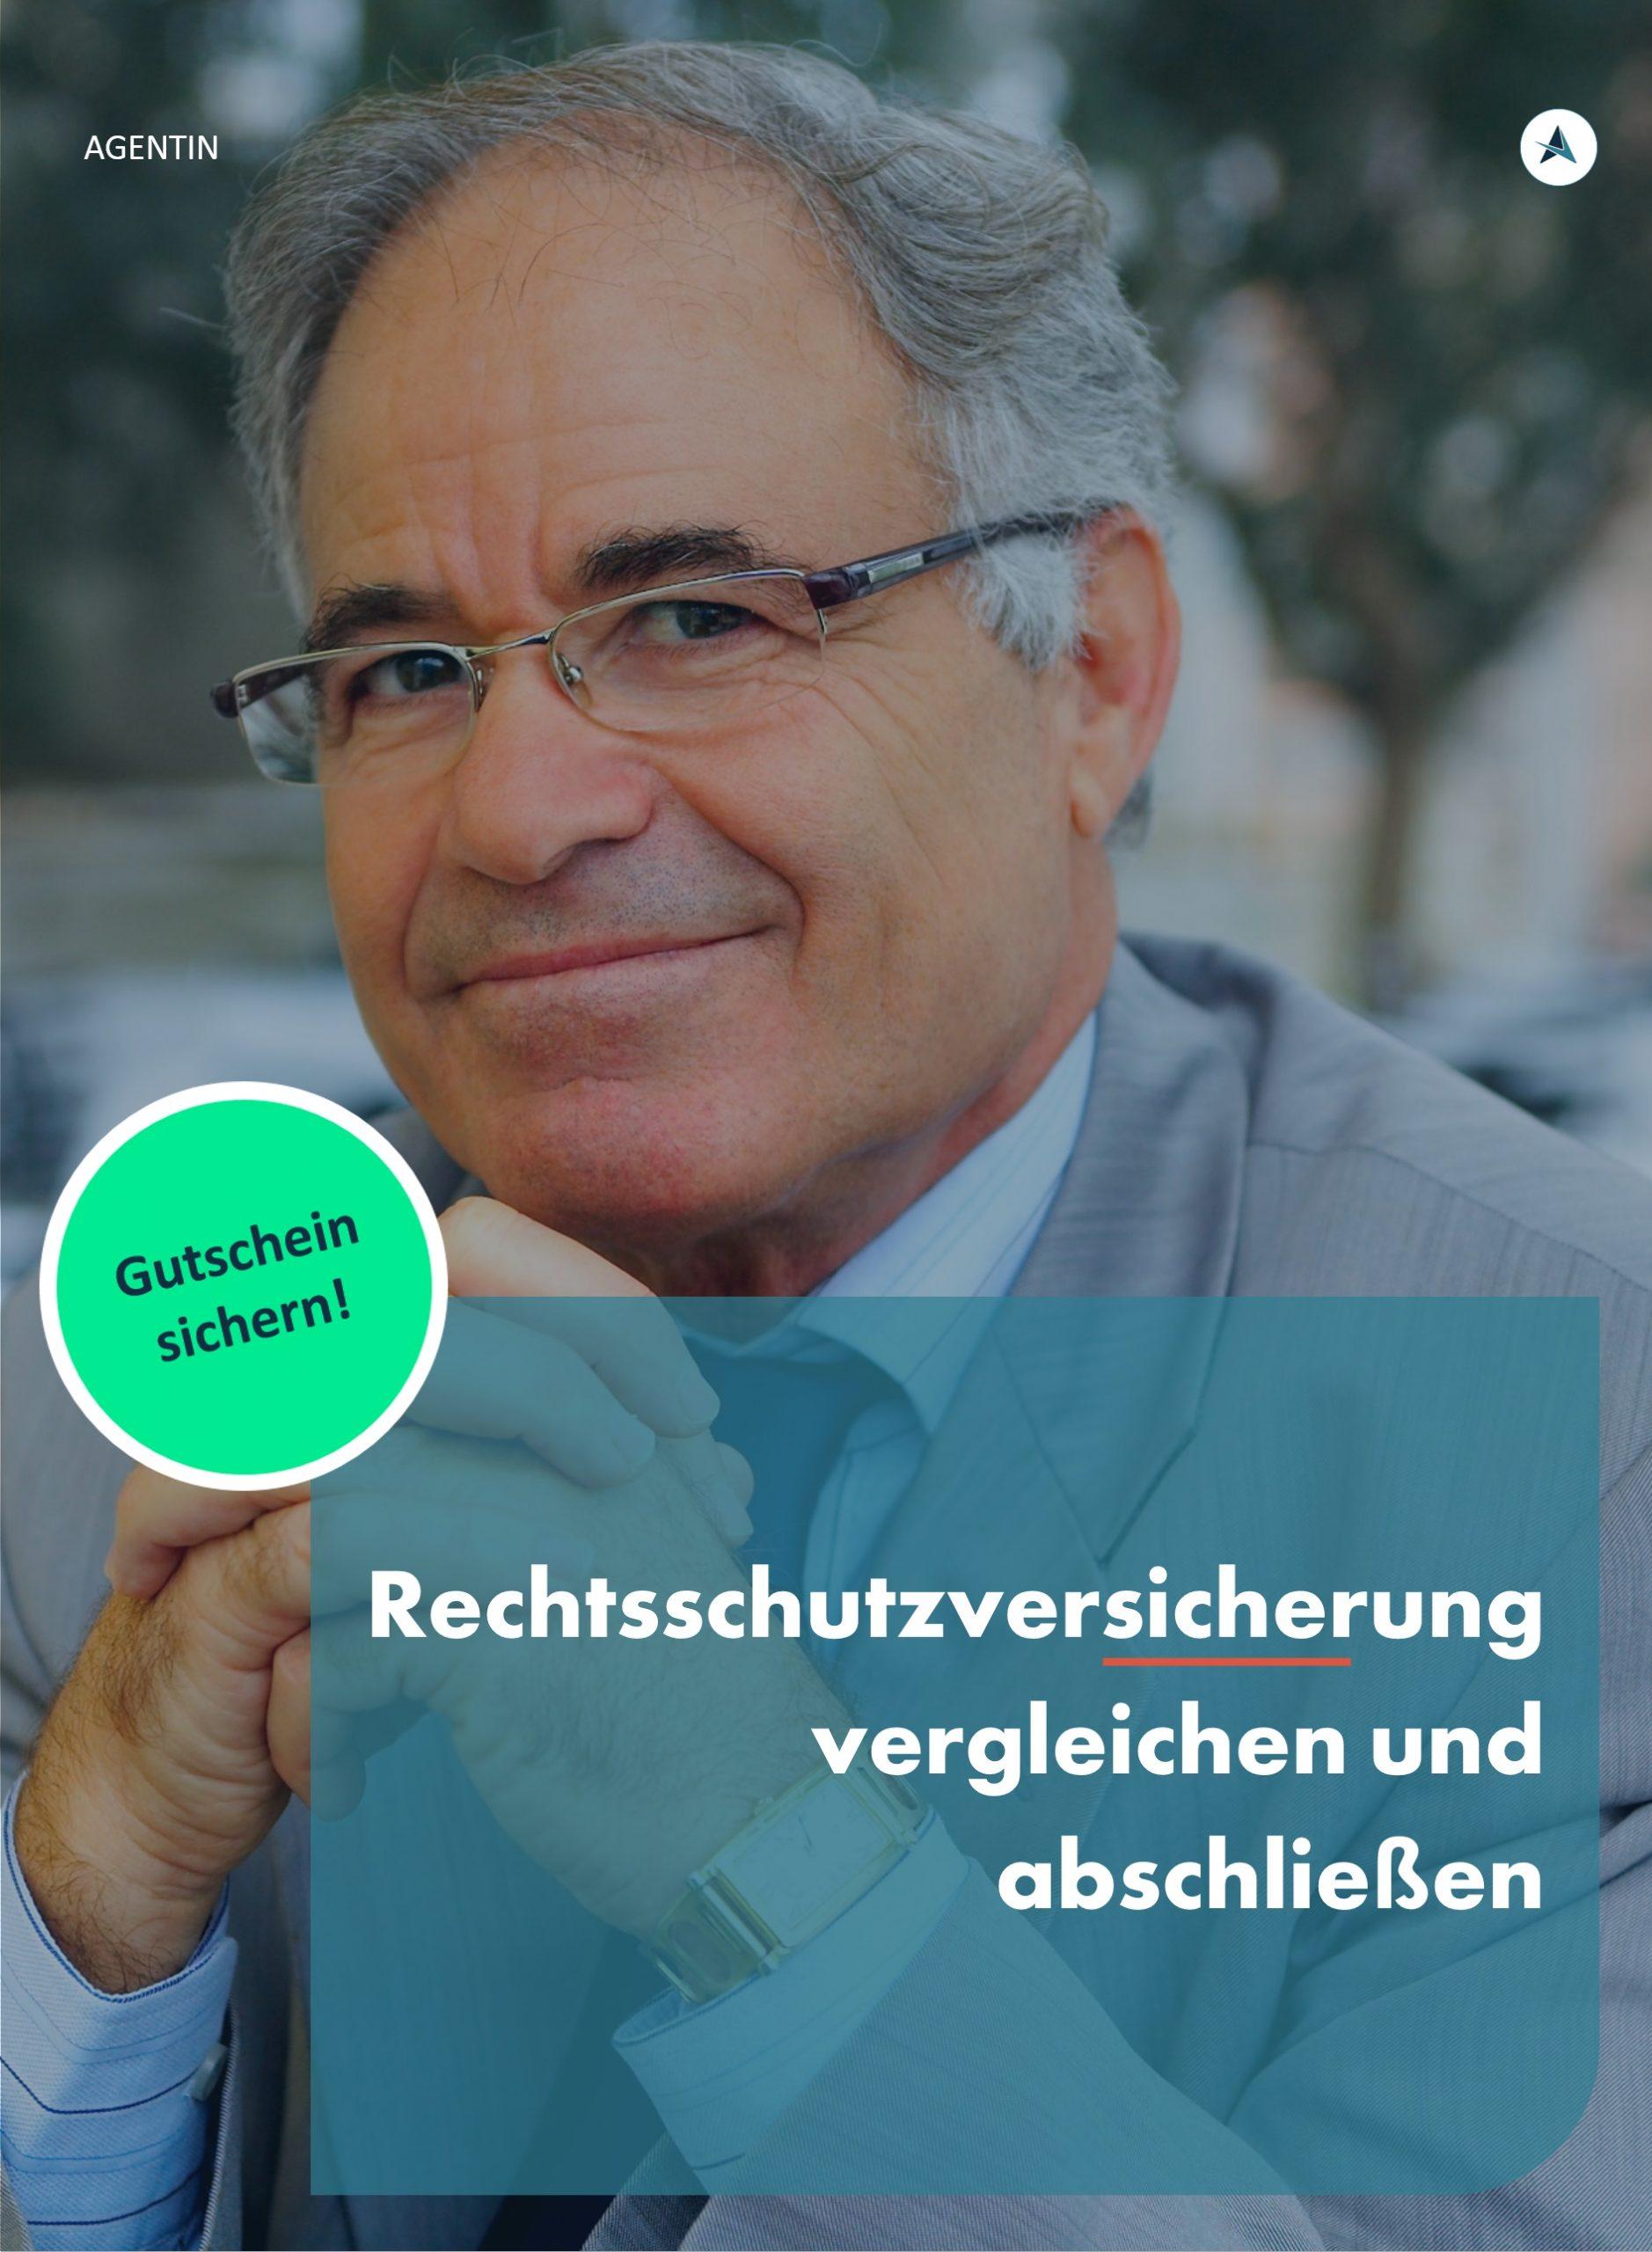 Rechtsschutzversicherung-Berlin-Rechtsschutz-Berlin-vergleichen-abschliessen-Versicherungsmakler-Berlin-Andre-Boettcher-Agentin